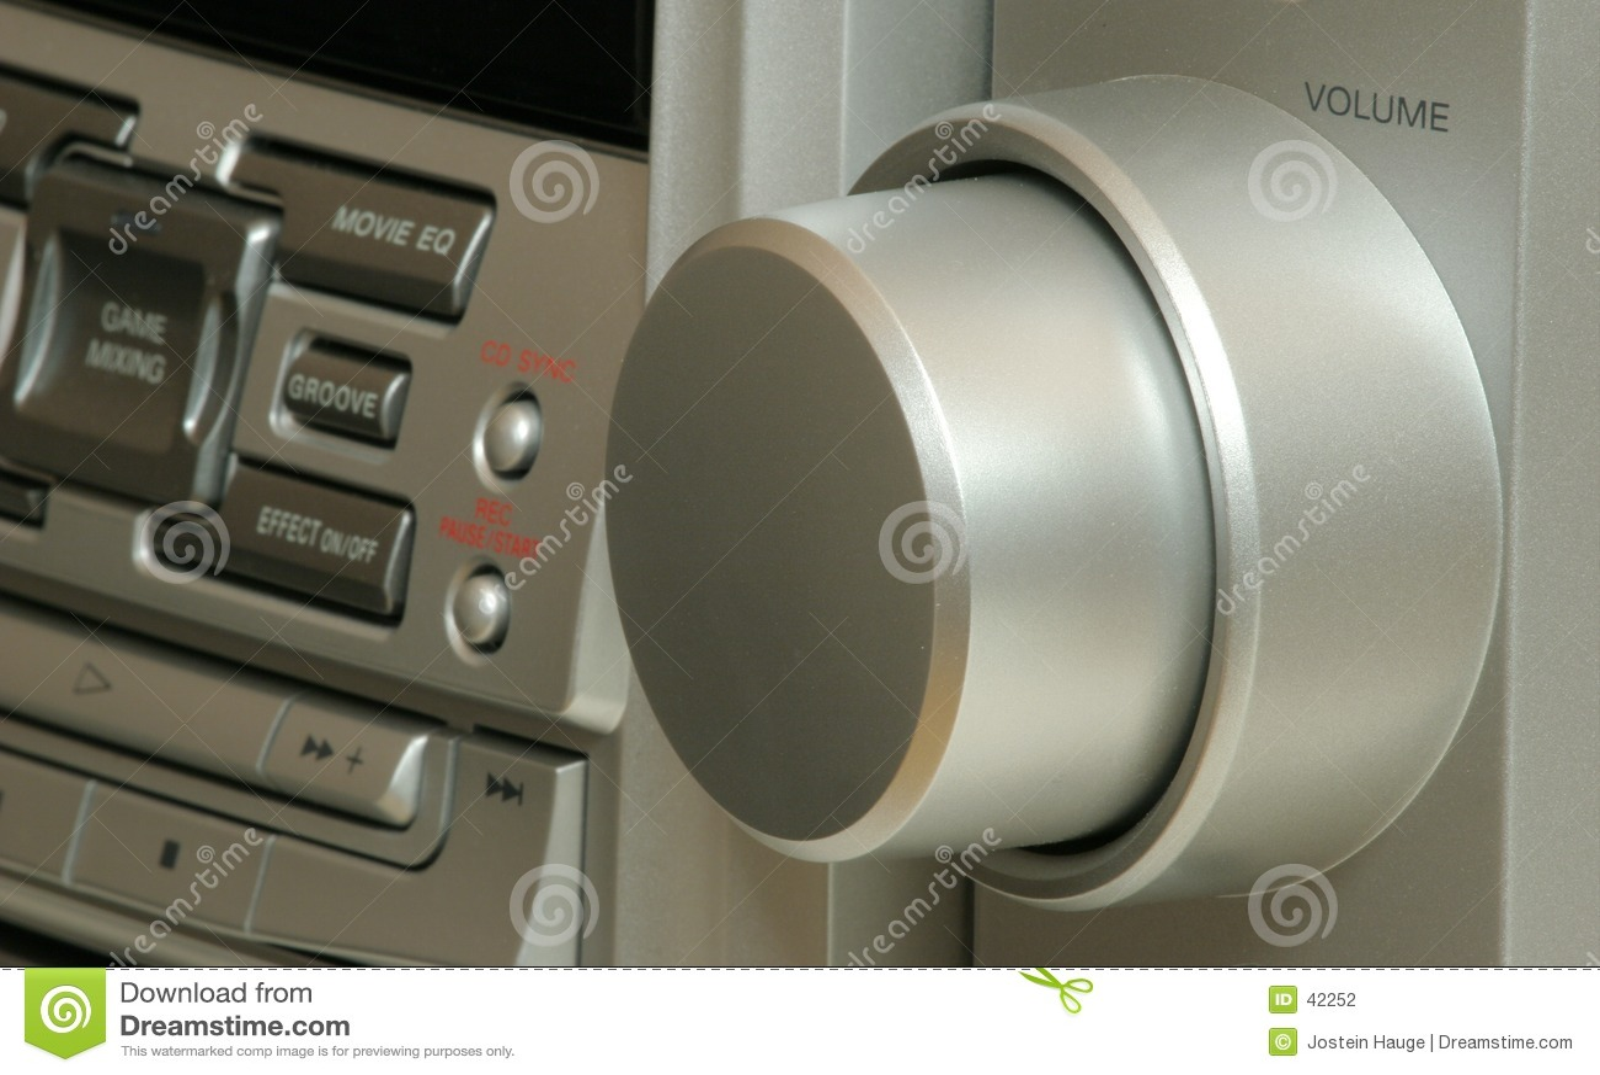 Download Datenträger stockfoto. Bild von spieler, loud, musik, steuerung - 42252